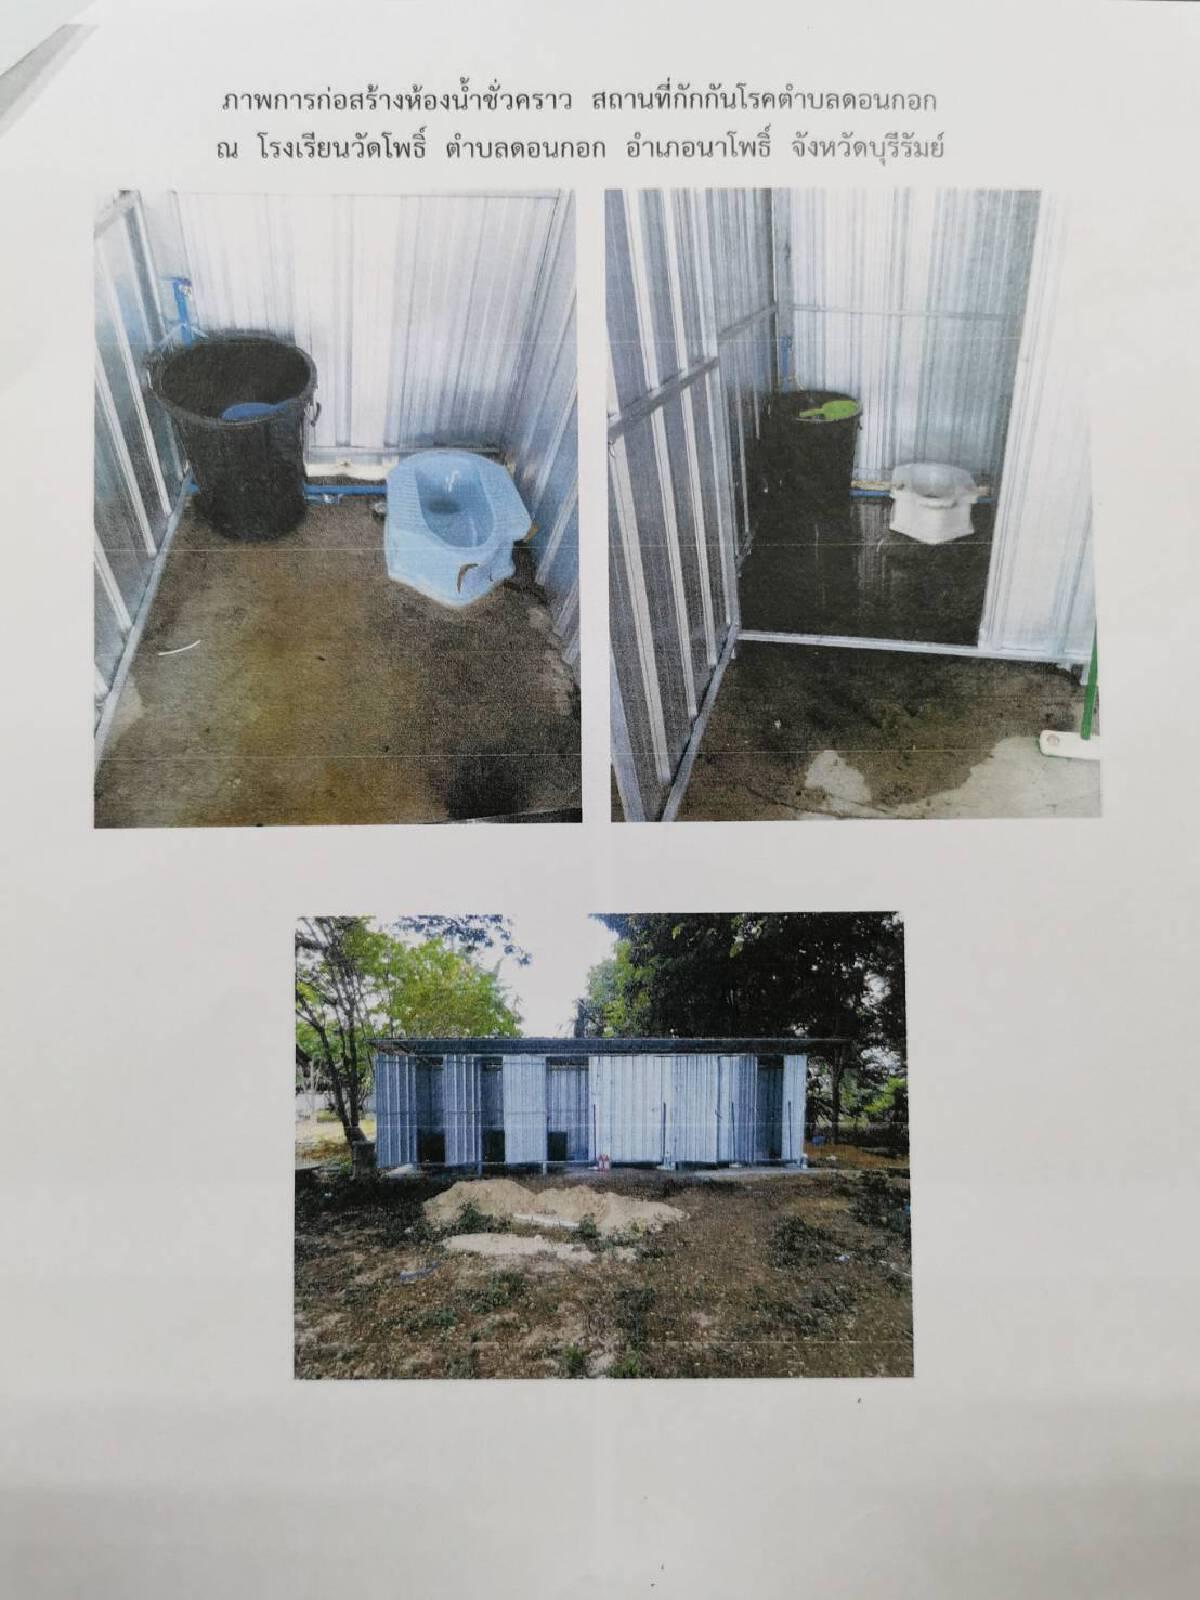 ทนายร้องตรวจสอบห้องน้ำที่กักตัวโควิด 1.5 แสนแพงเกินจริง